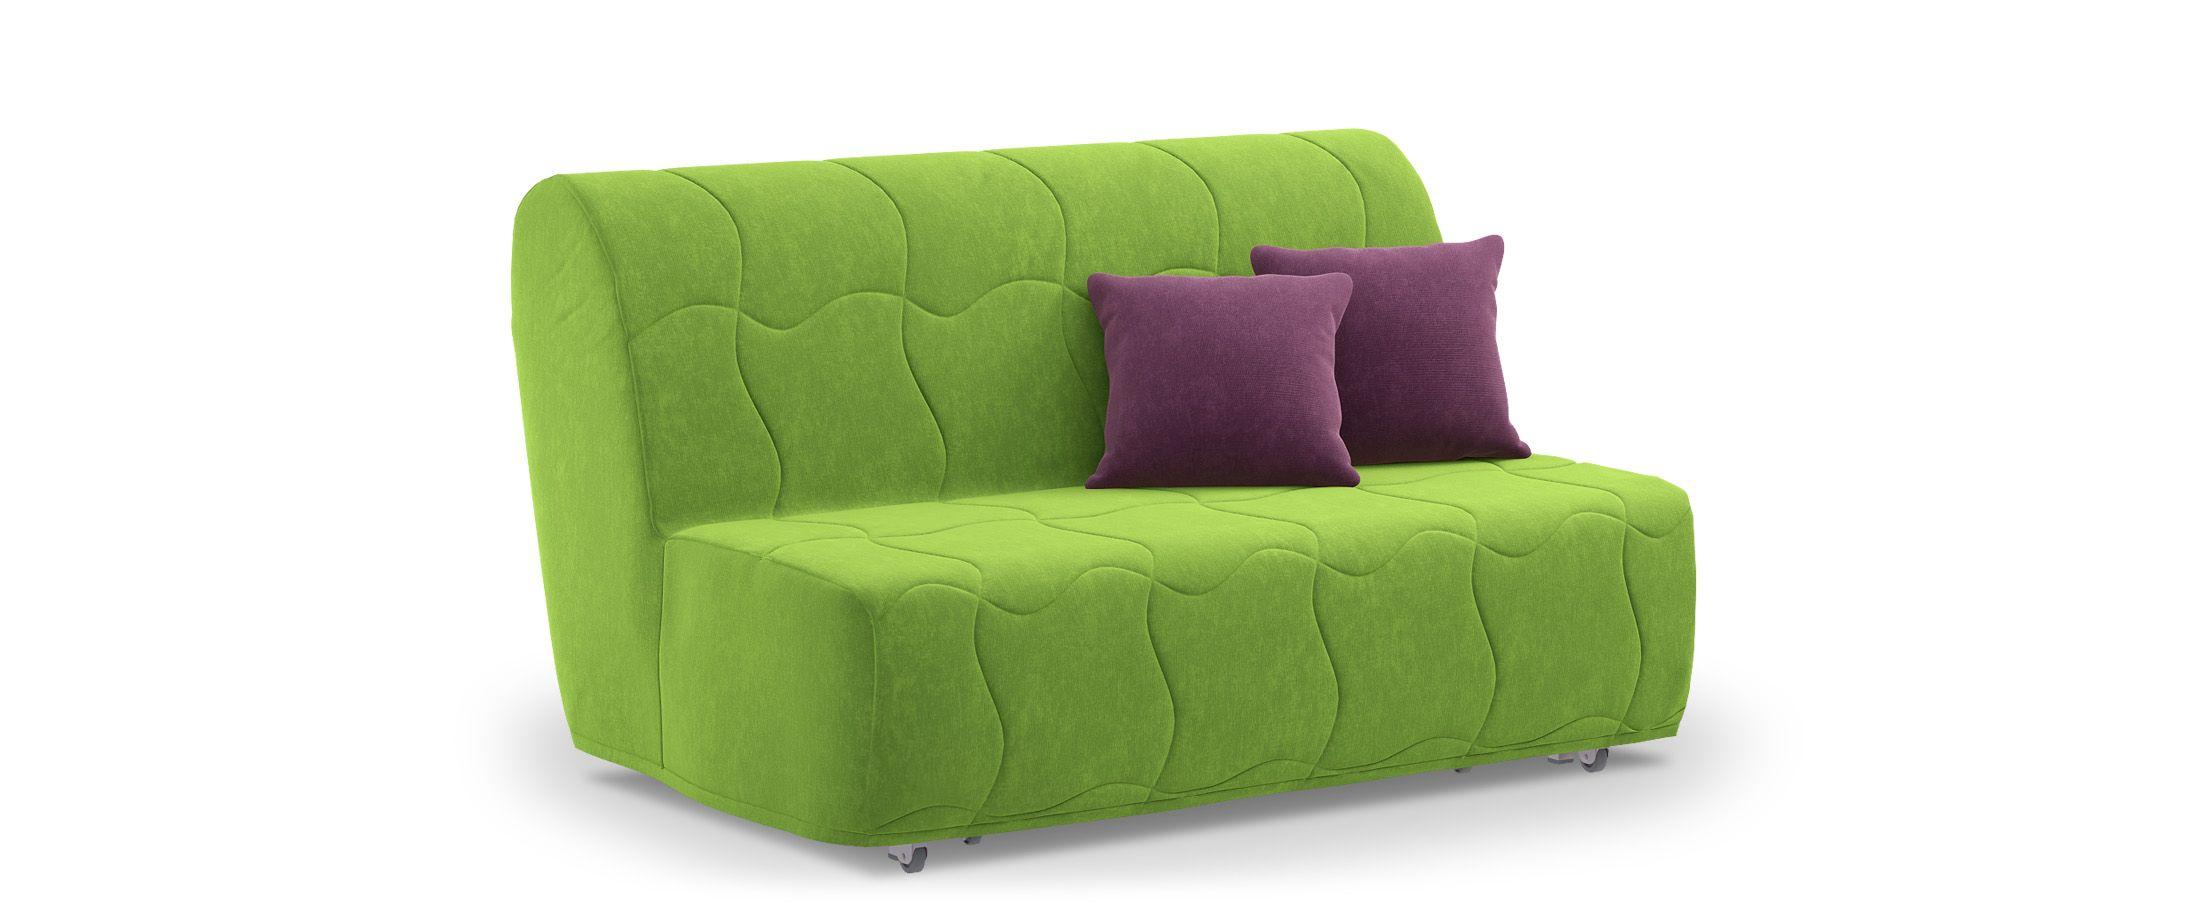 Диван прямой аккордеон Сити 023Гостевой вариант и полноценное спальное место. Размеры 146х107х91 см. Купить зелёный диван аккордеон в интернет-магазине MOON TRADE.<br>